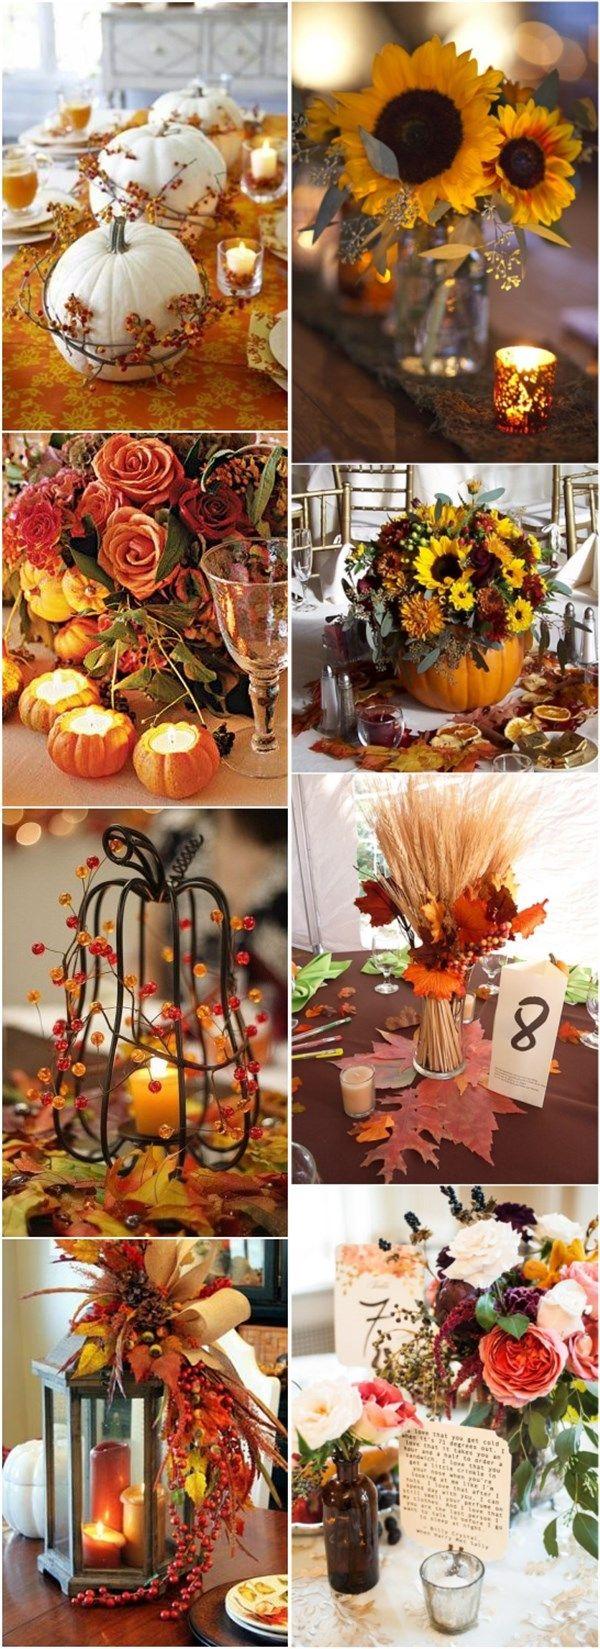 Fall Wedding Decor Ideas Autumn Fall Wedding Centerpieces